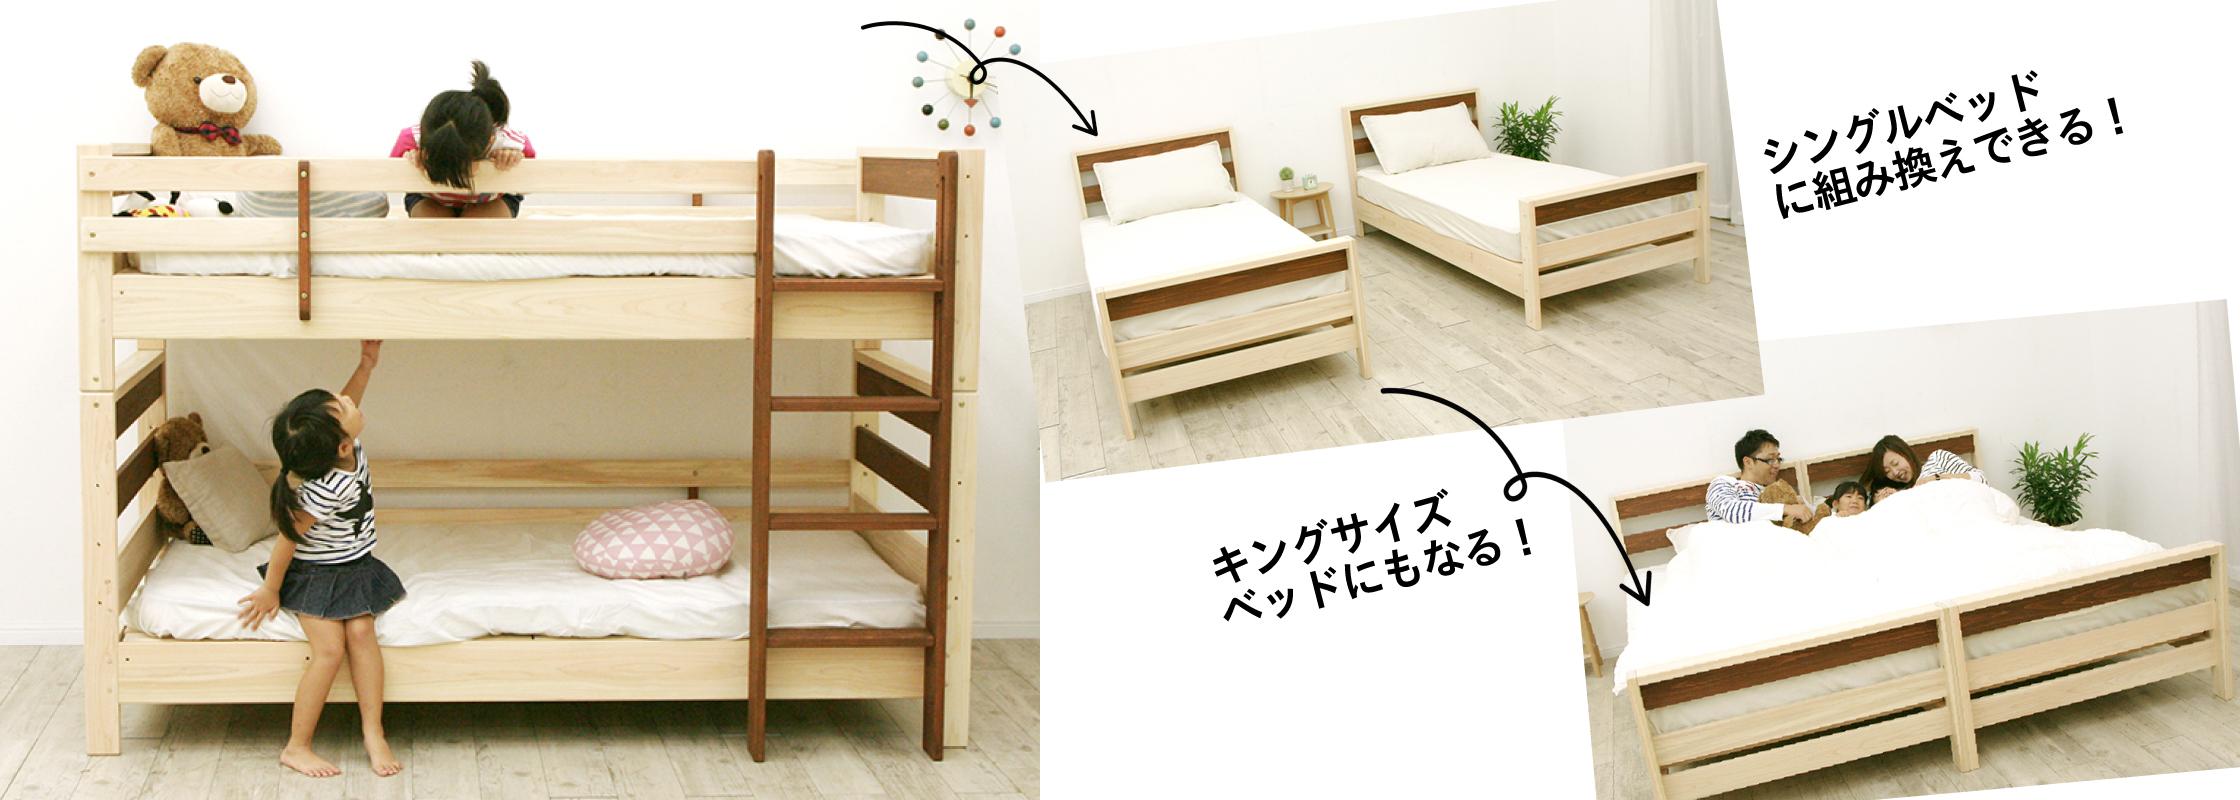 3通りの使い方ができる!国産ヒノキの2段ベッド「スリー」